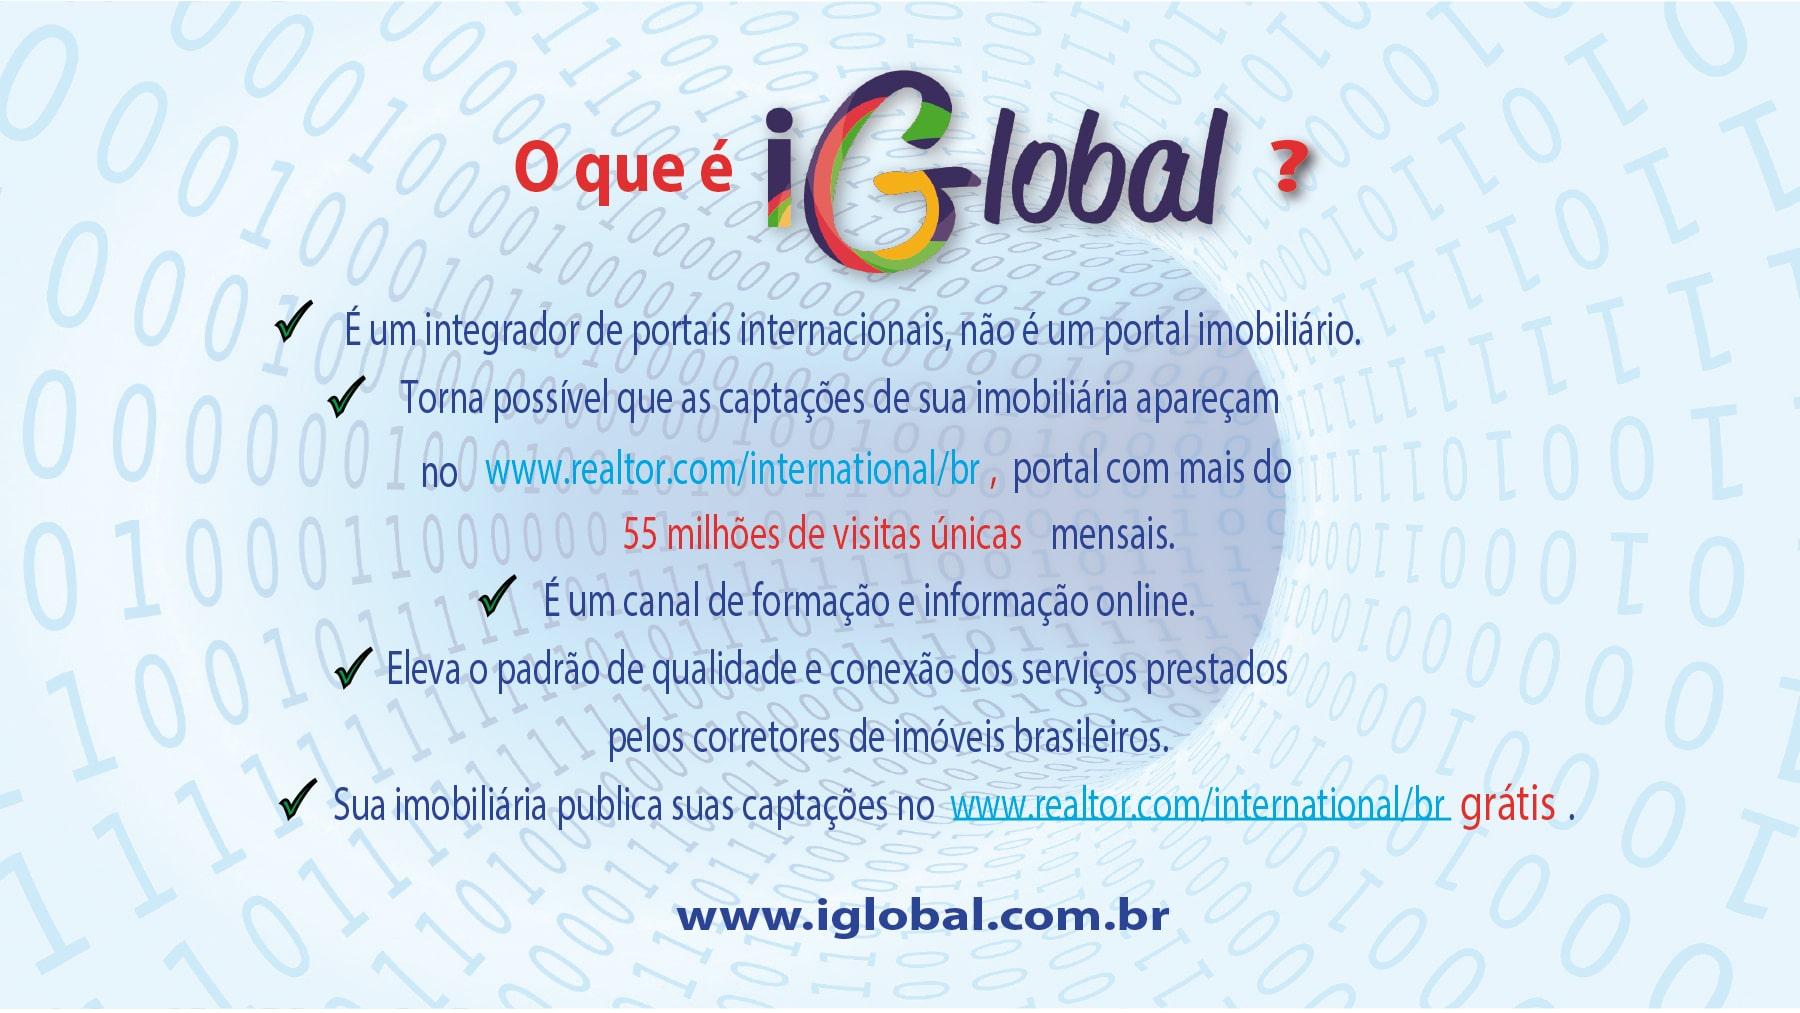 IGlobal Faq